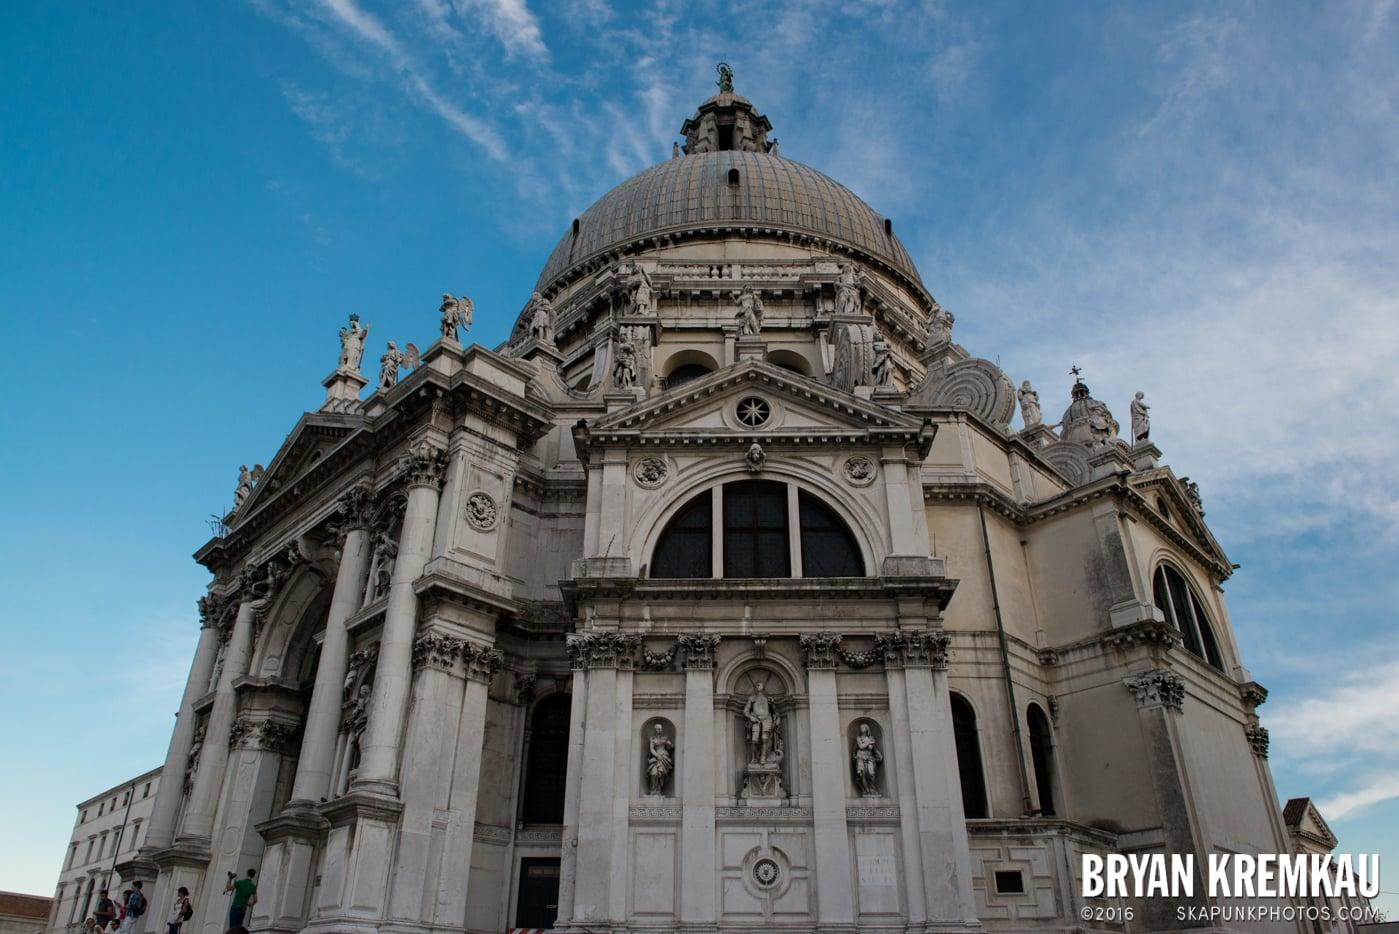 Italy Vacation - Day 4: Venice - 9.12.13 (10)